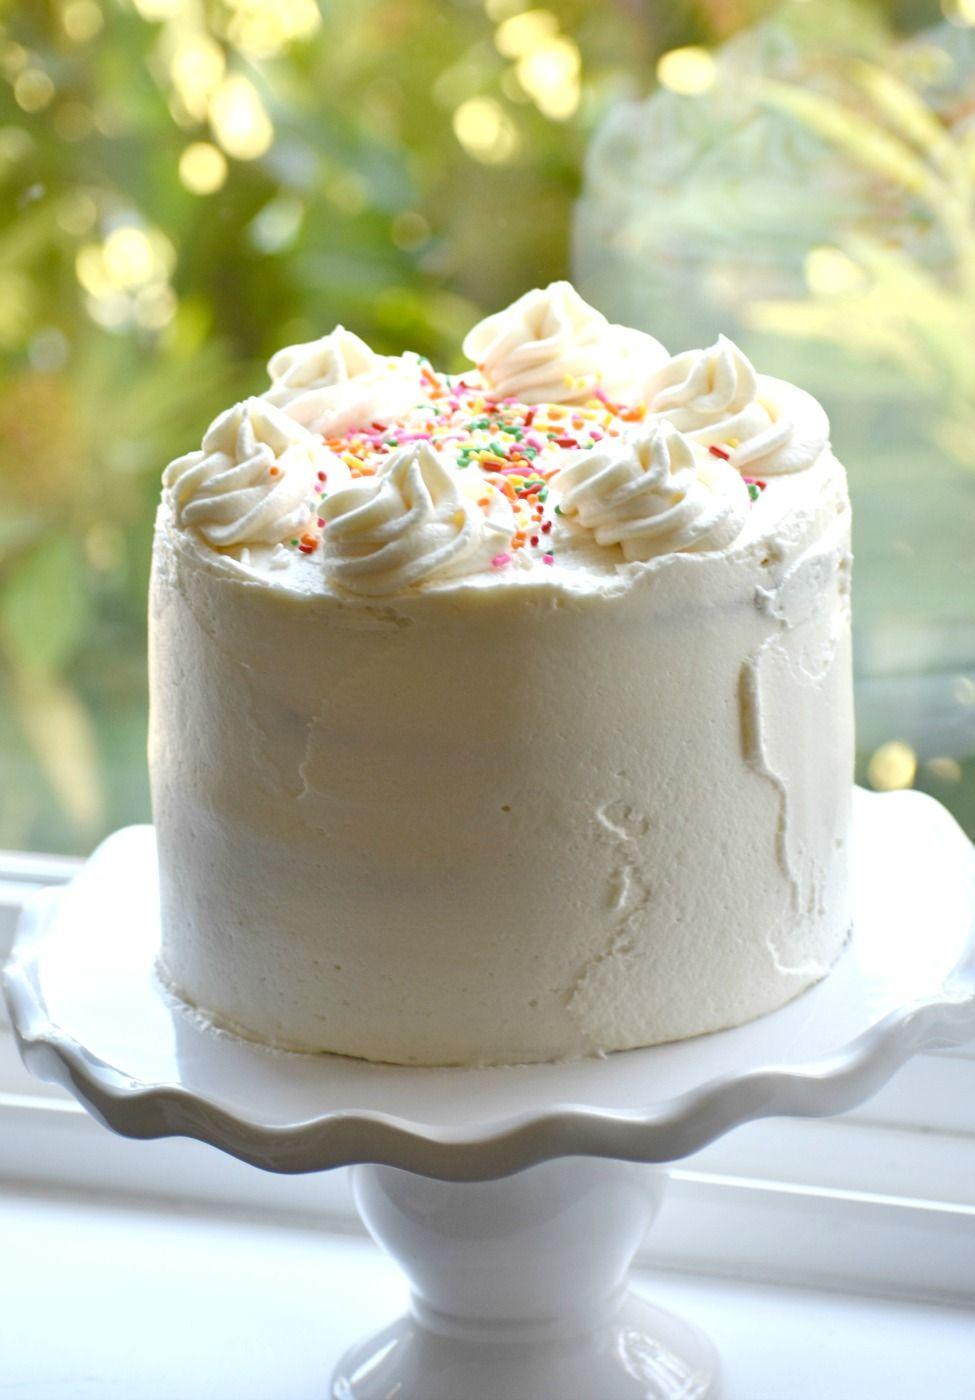 Fine Gluten Free Dairy Free Vanilla Cake Dairy Free Vanilla Cake Funny Birthday Cards Online Inifodamsfinfo